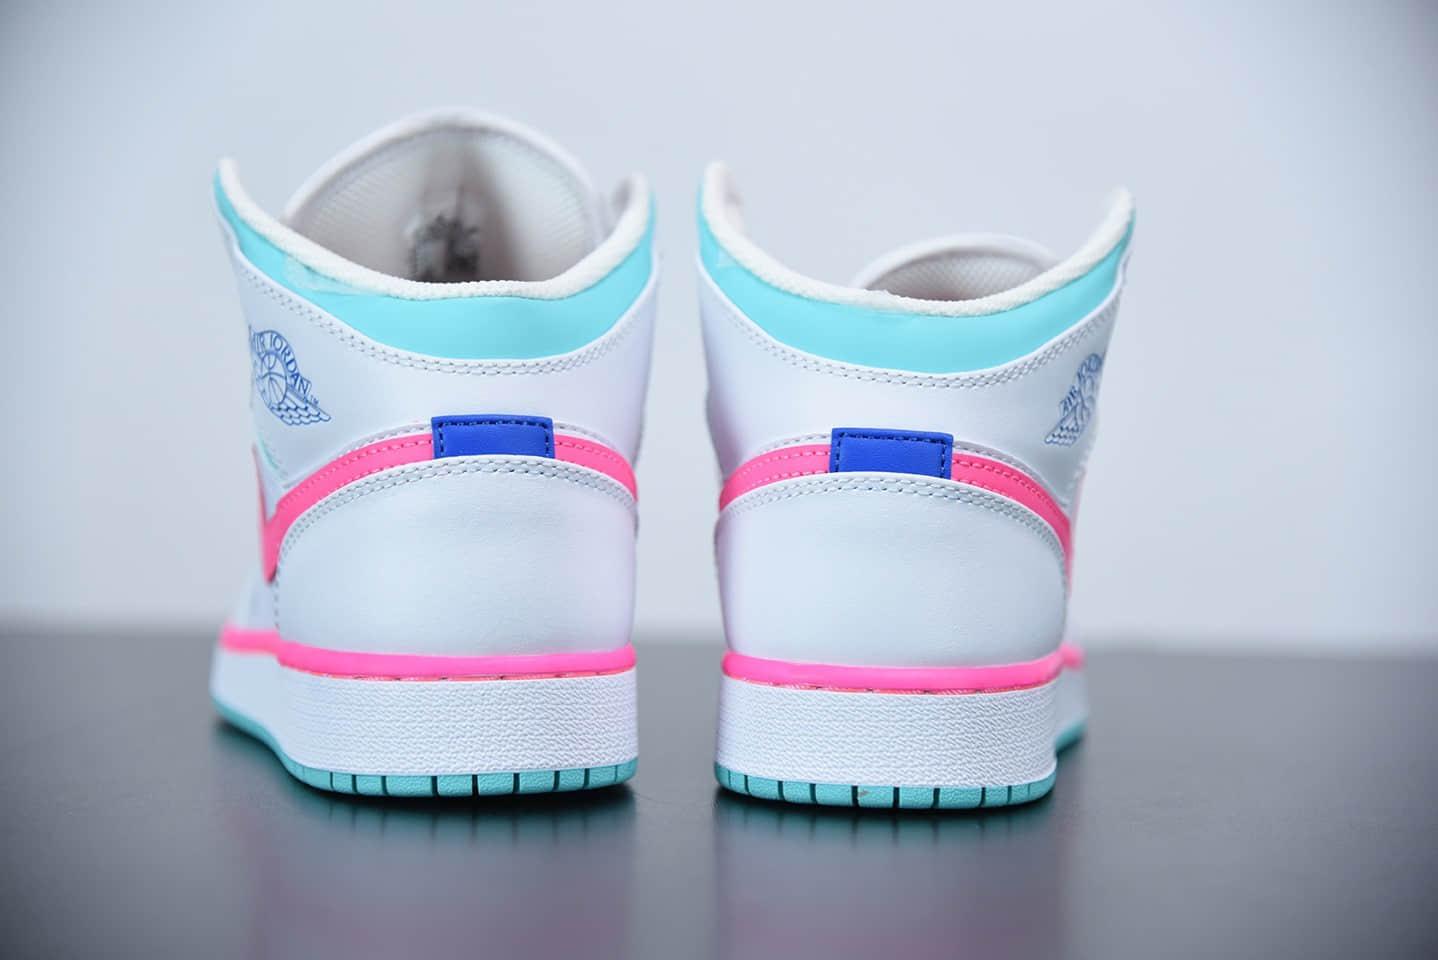 """乔丹Air Jordan 1 Mid GS """"Digital Pink"""" 南海岸水月粉女子中帮休闲鞋纯原版本 货号:555112-102"""